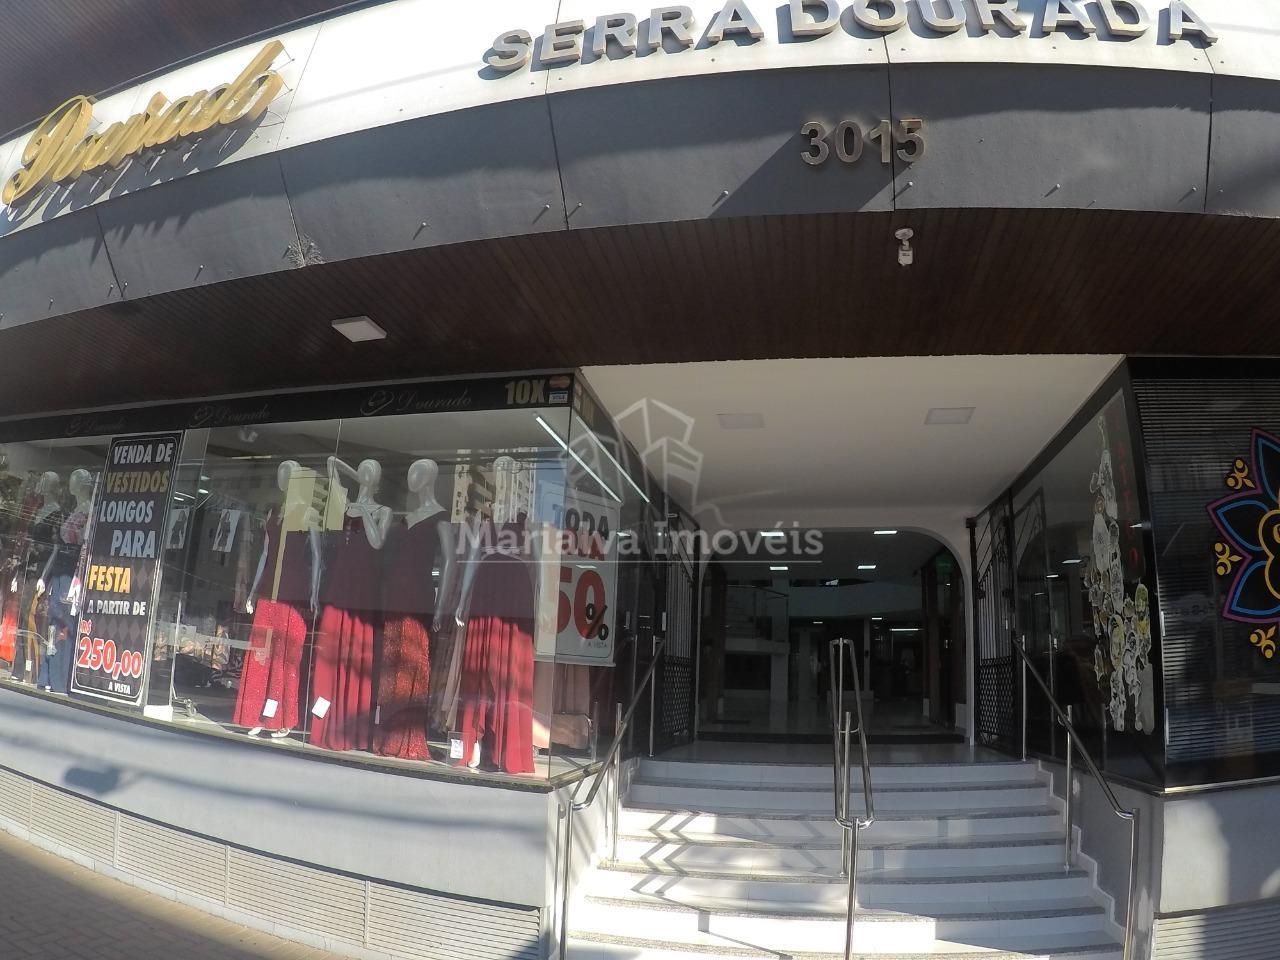 EXCELENTE SALA COMERCIAL NO EDIFÍCO SERRA DOURADA - CENTRO